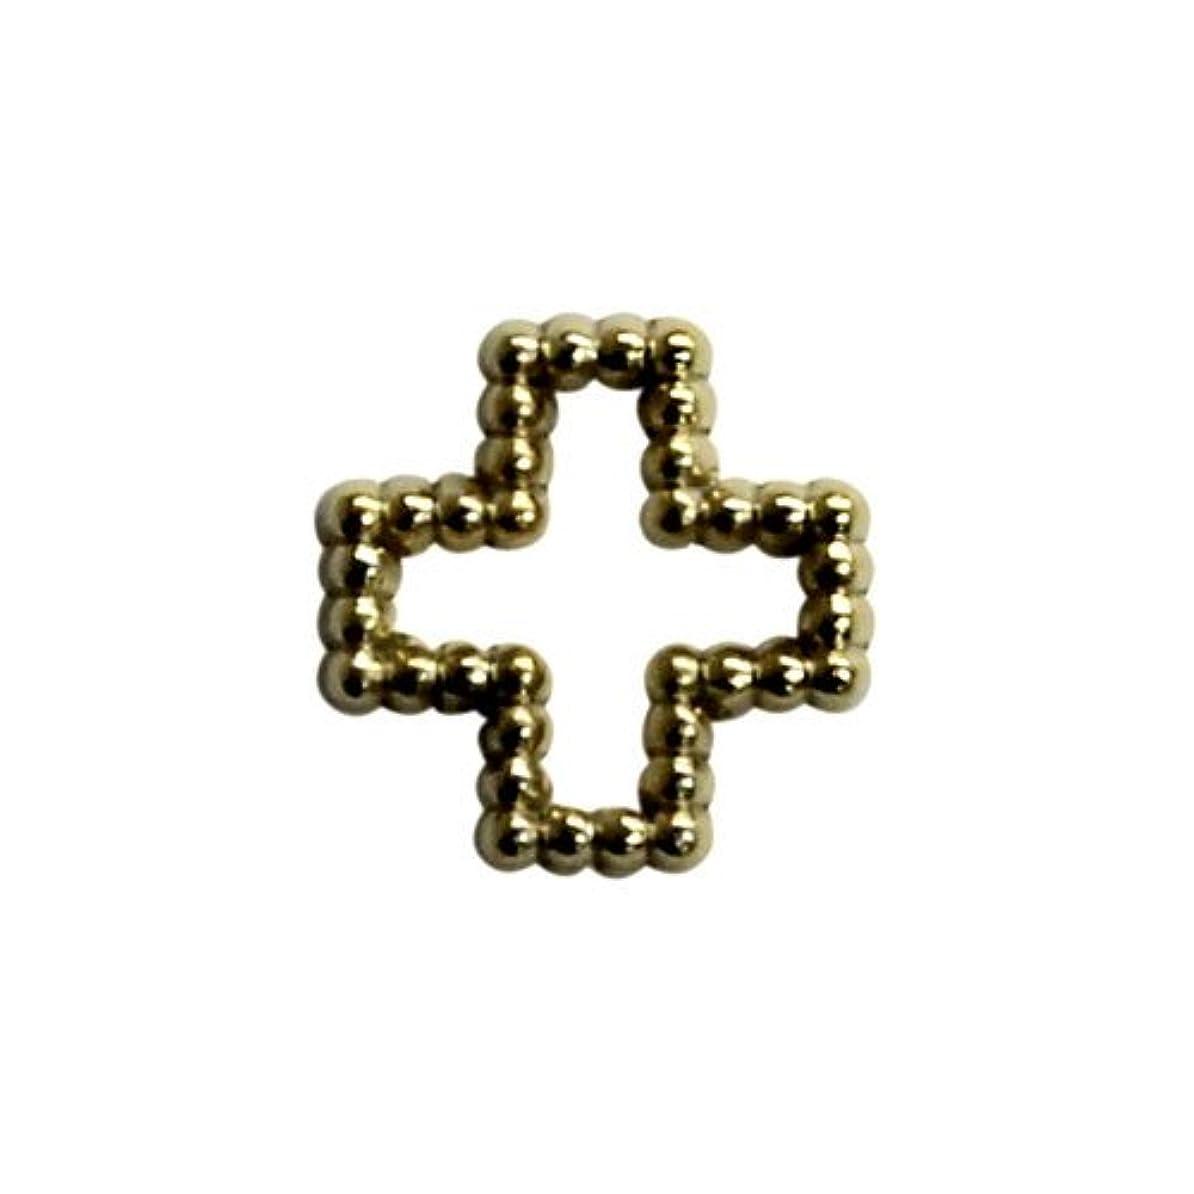 ねばねば仮定トライアスリートプリティーネイル ネイルアートパーツ ブリオンクロスM ゴールド 12個